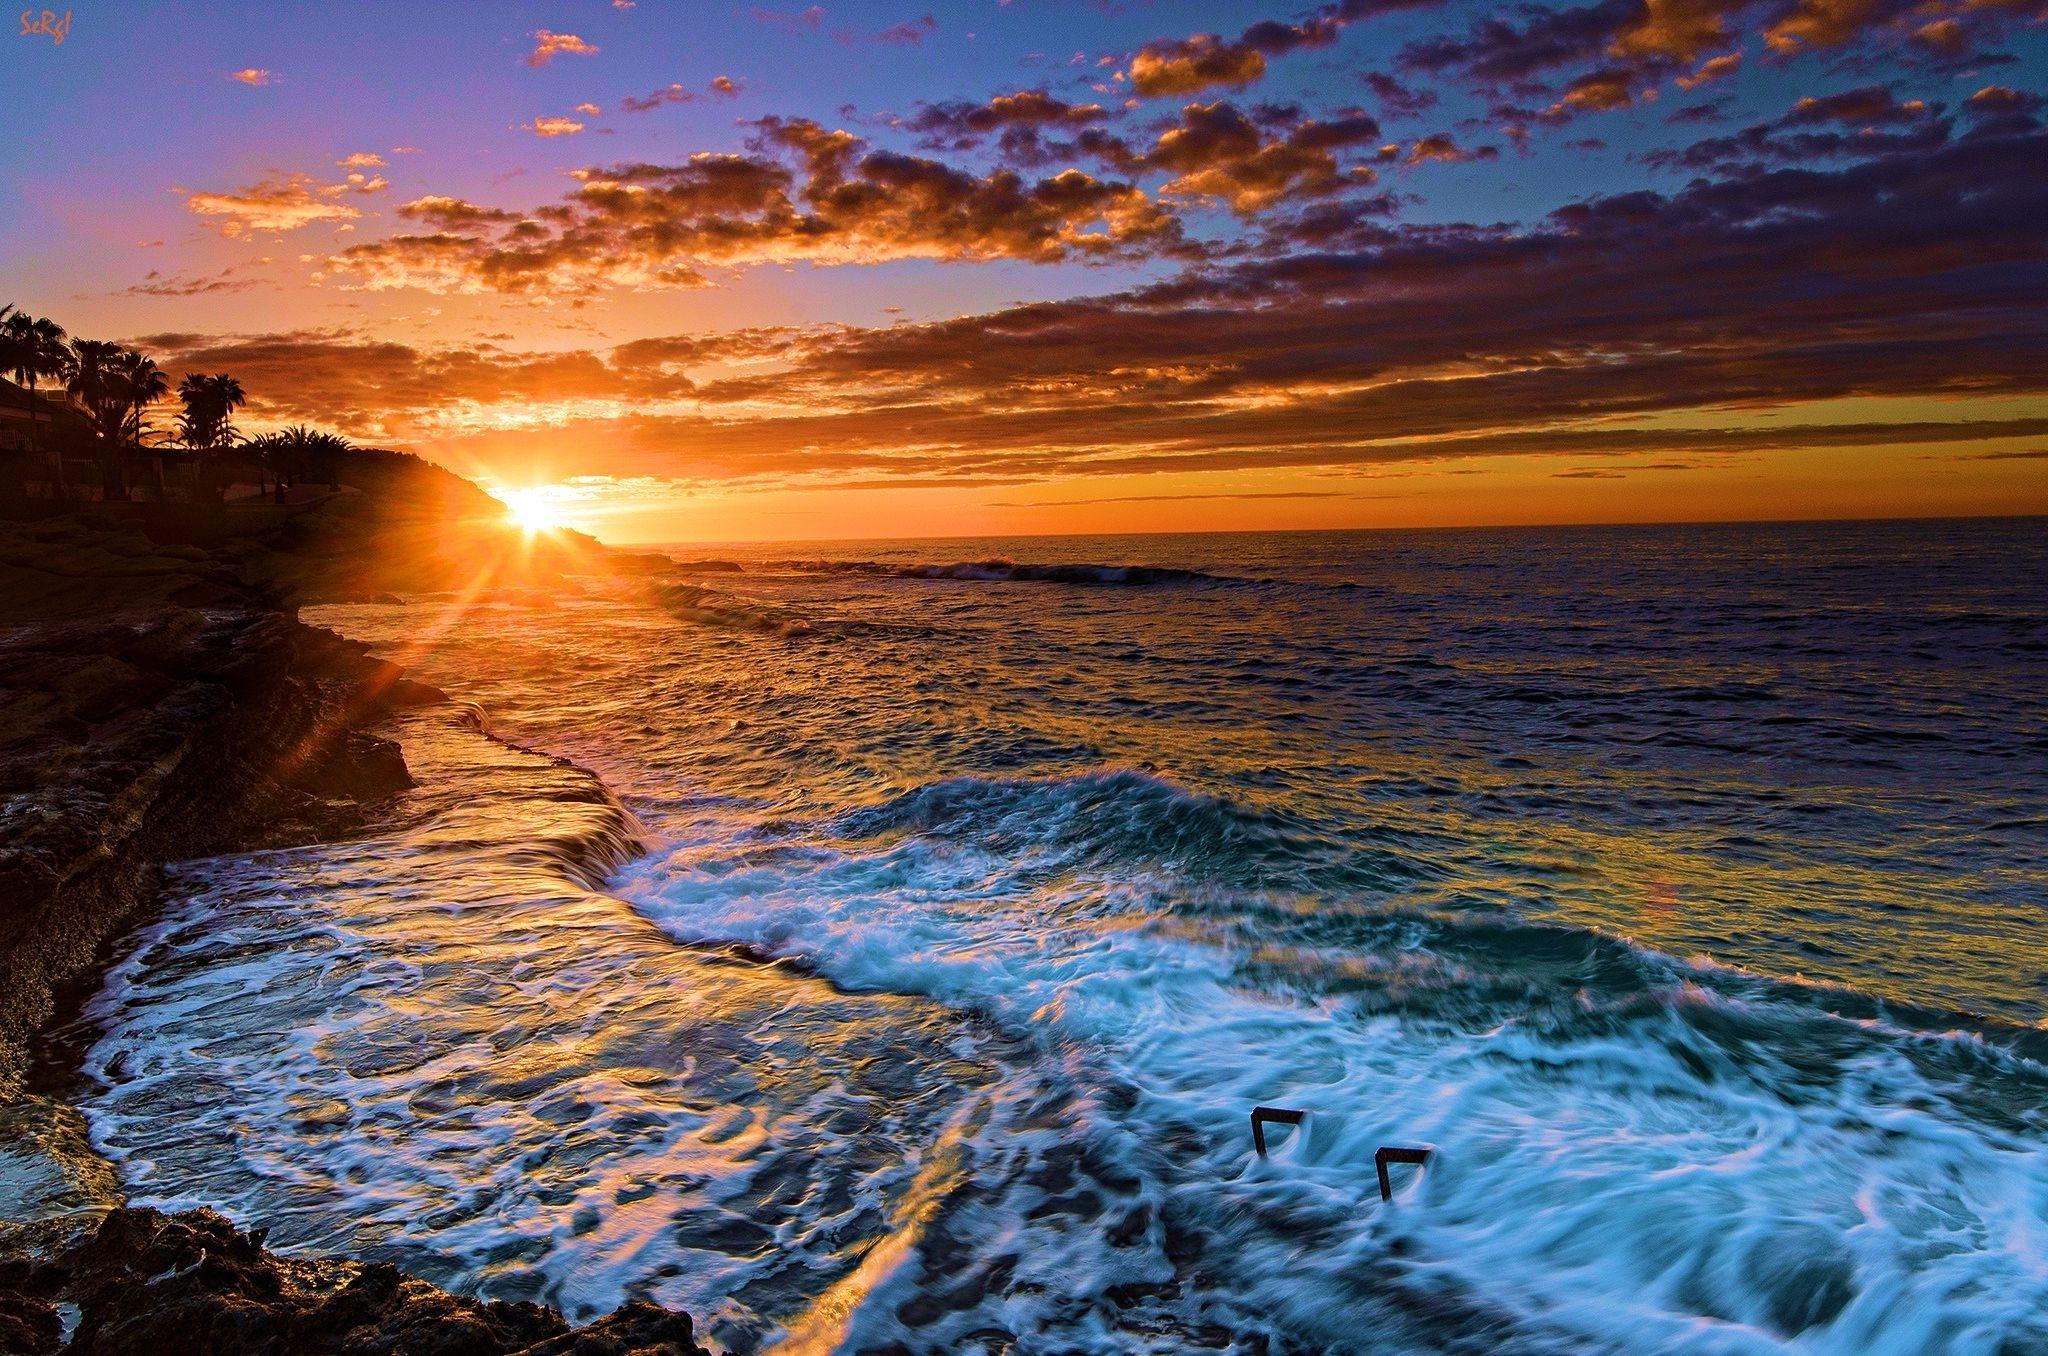 beach sunset desktop wallpaper - wallpapersafari | epic car